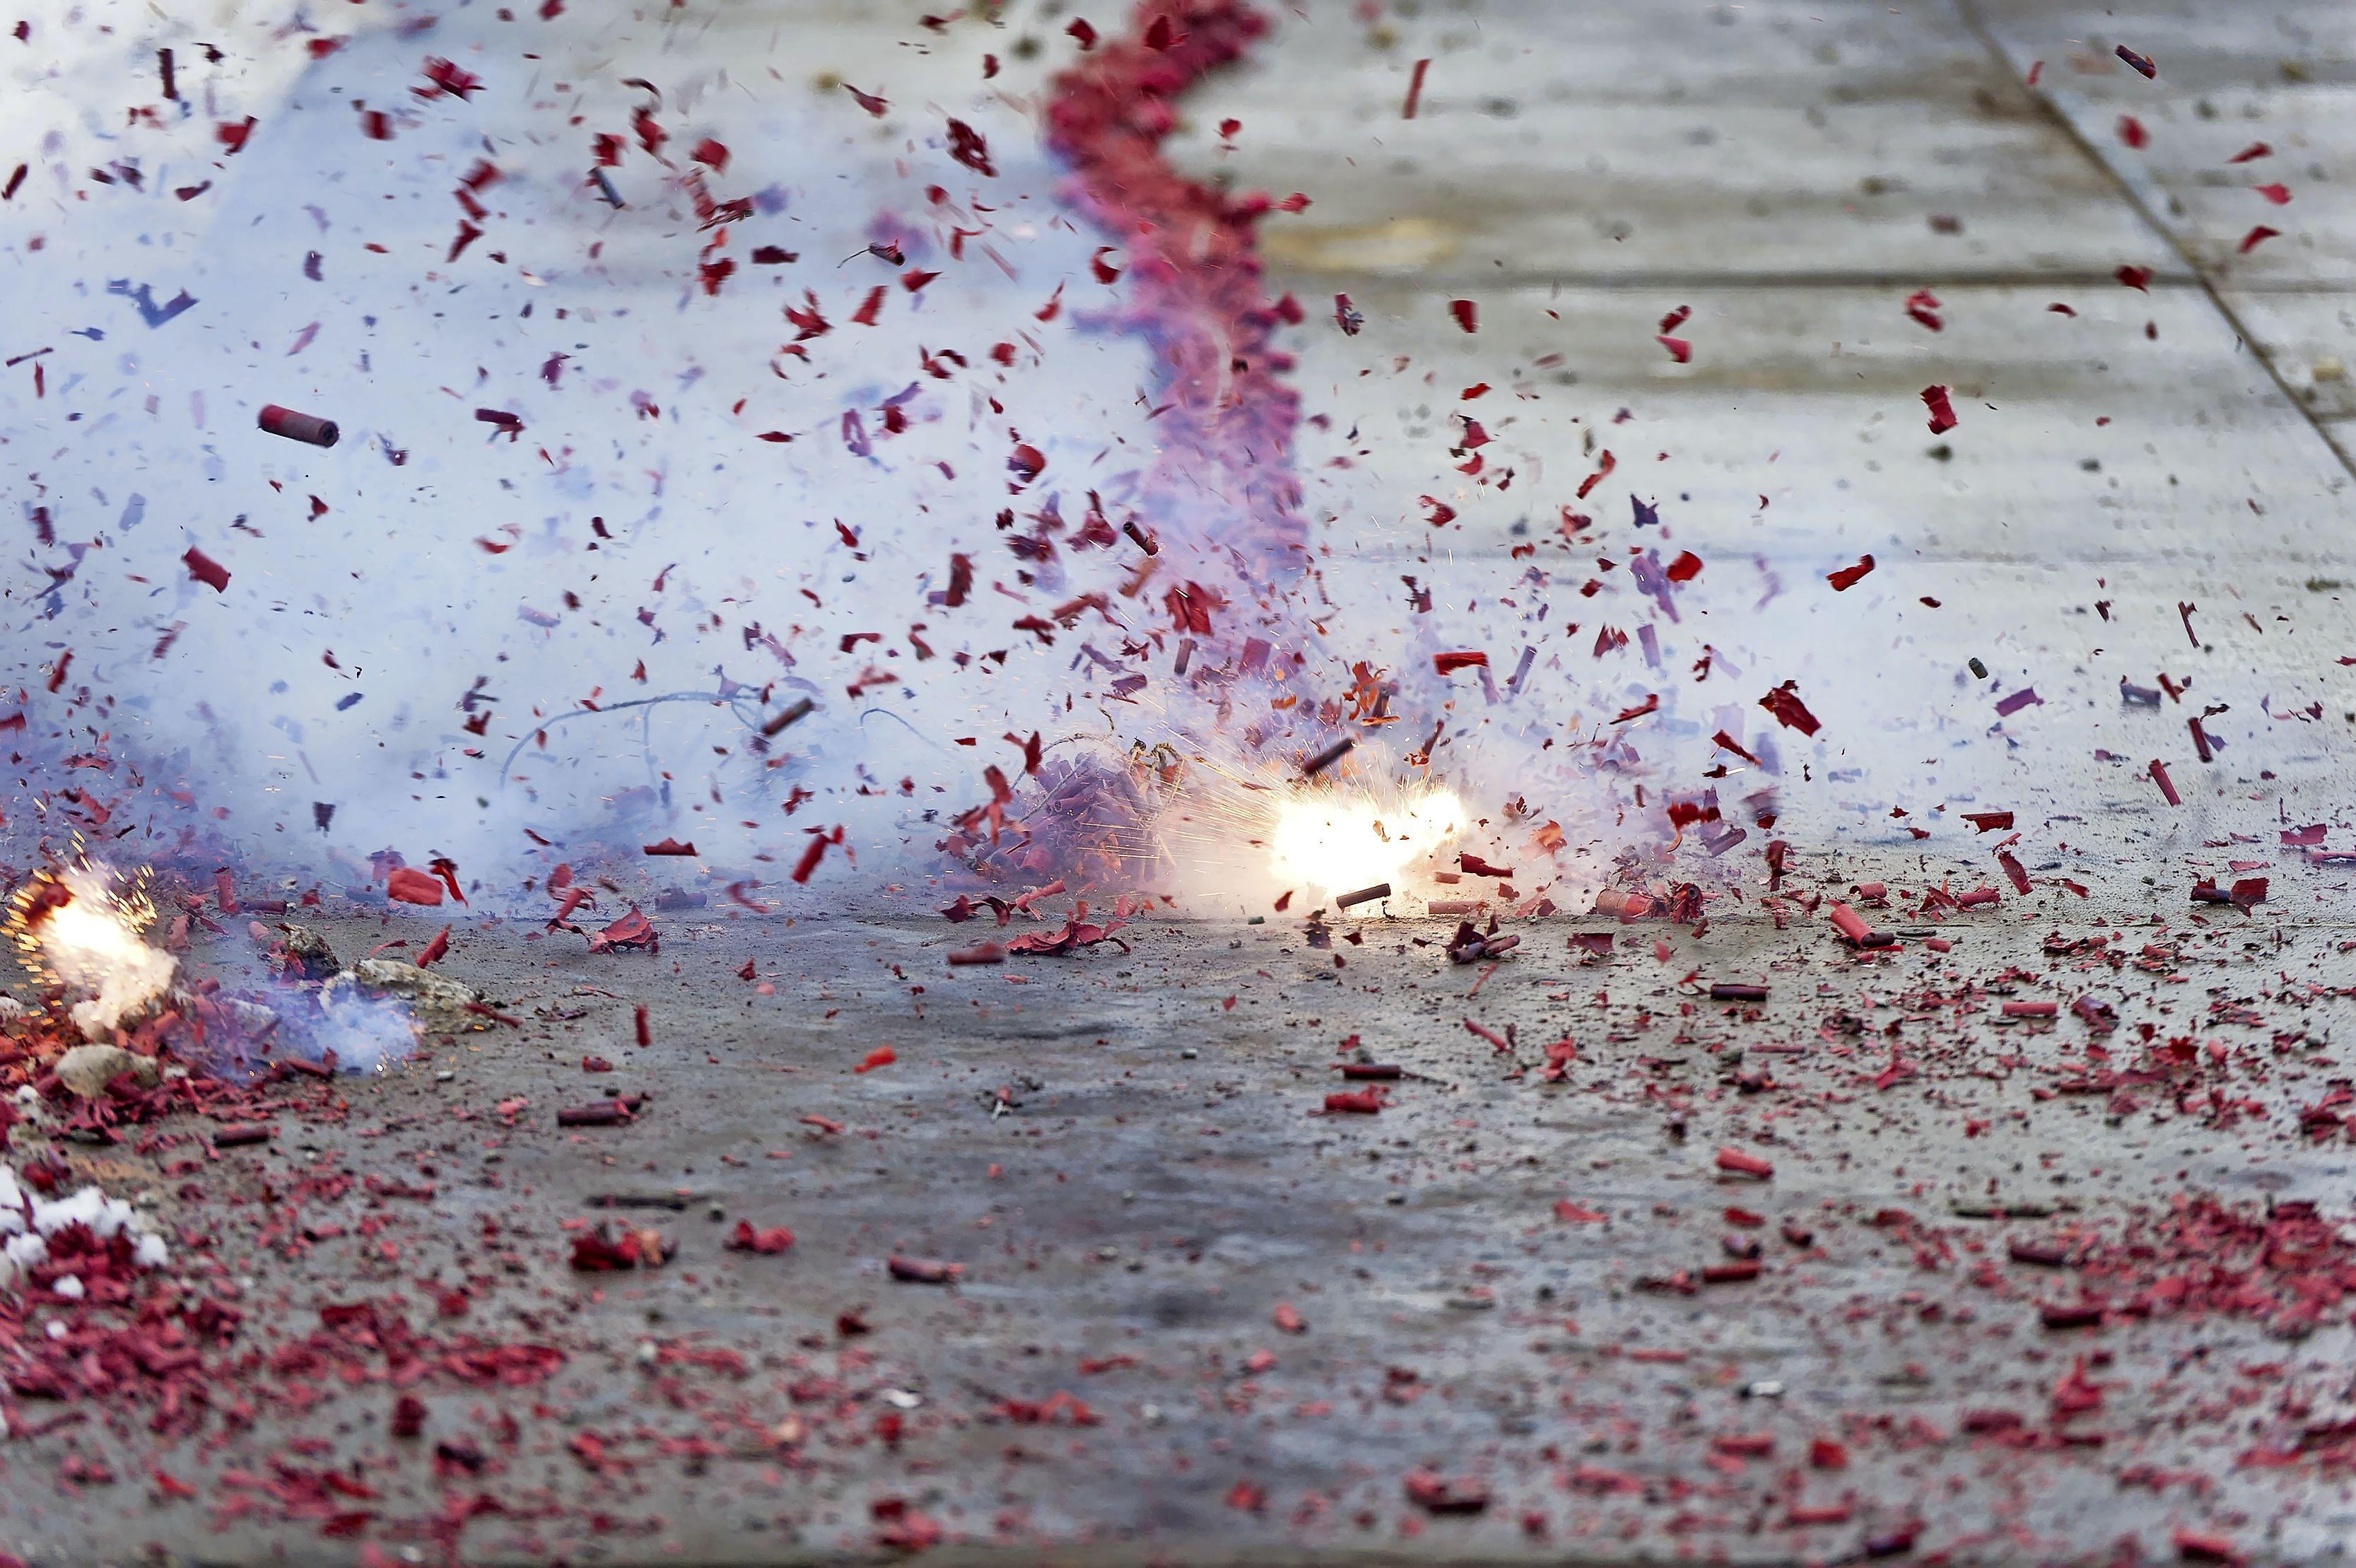 Krommenieër veroordeeld wegens illegaal vuurwerkbezit: 300 supercrackers en cobra's bij oma in de berging